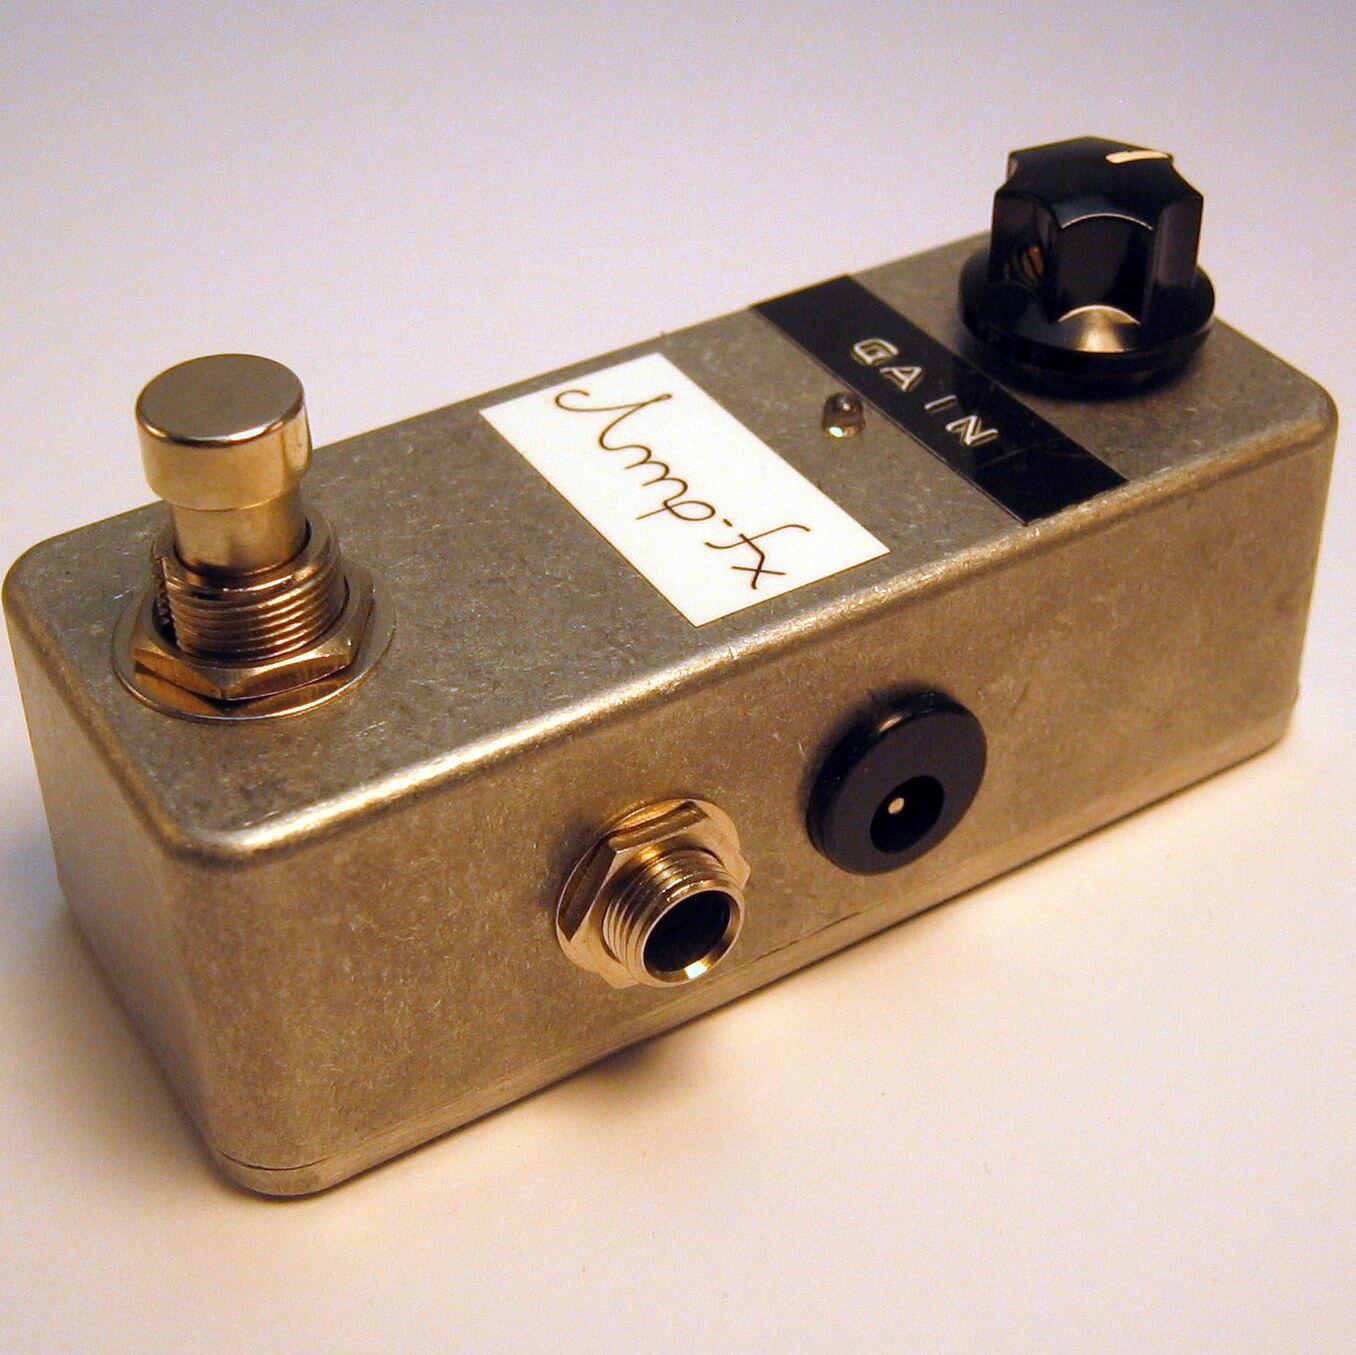 Amp-FX micro amp clean Boost + True bypass MXR mejorado mejorado mejorado Handmade en Berlín  autentico en linea